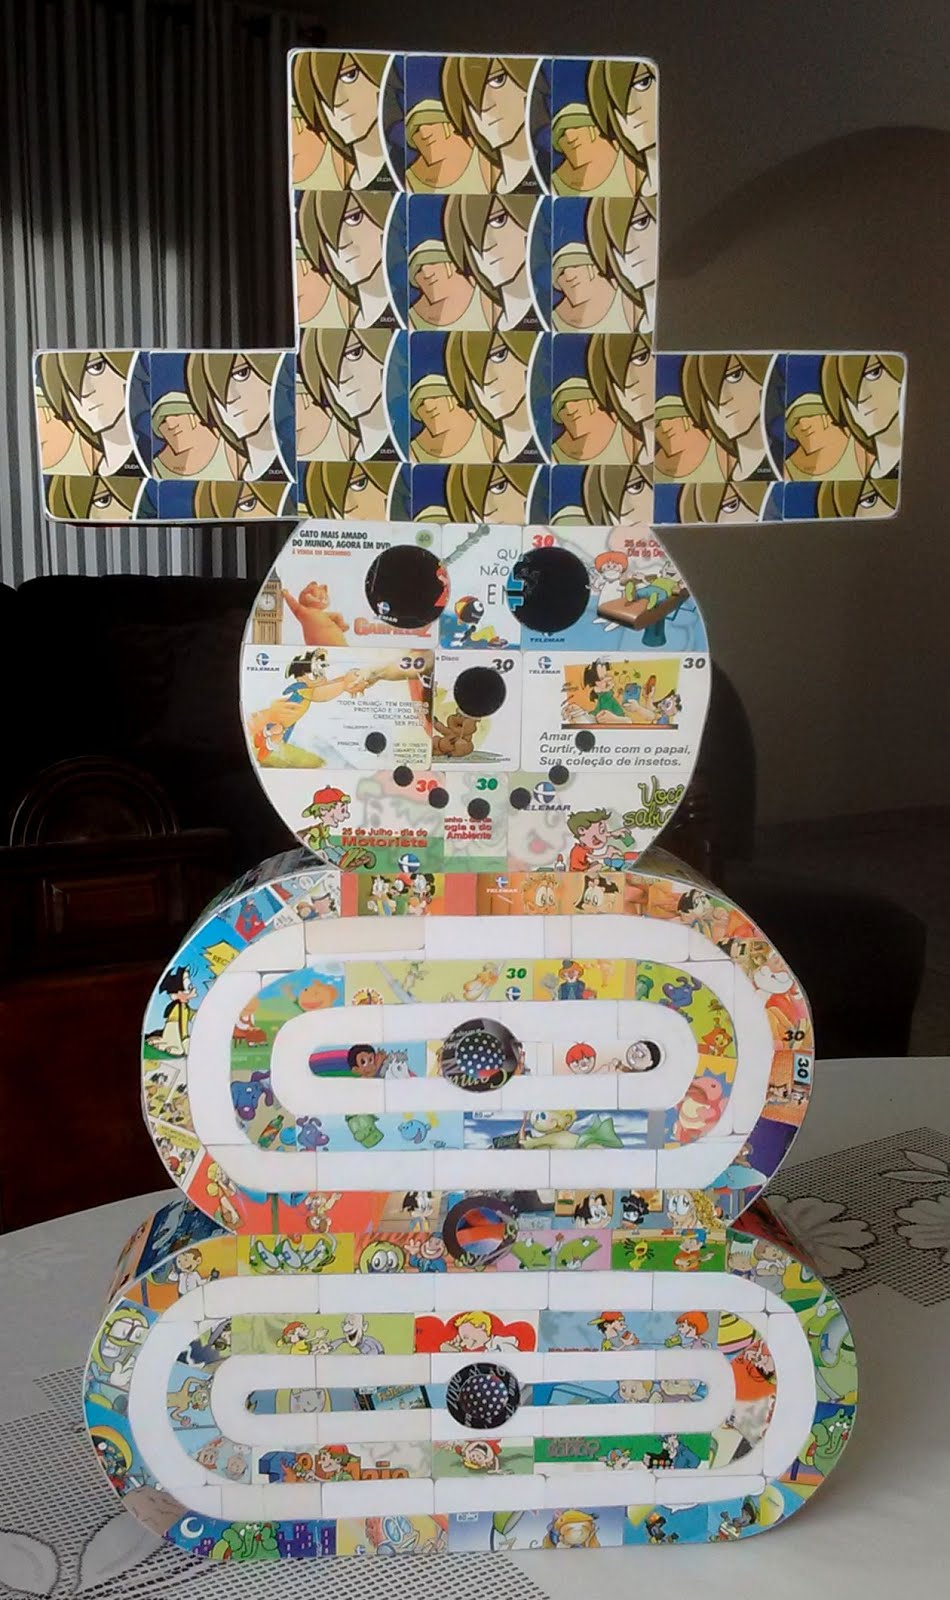 Arte feita com cartão telefônico e cartão SESC pelo artesão Charles Meira